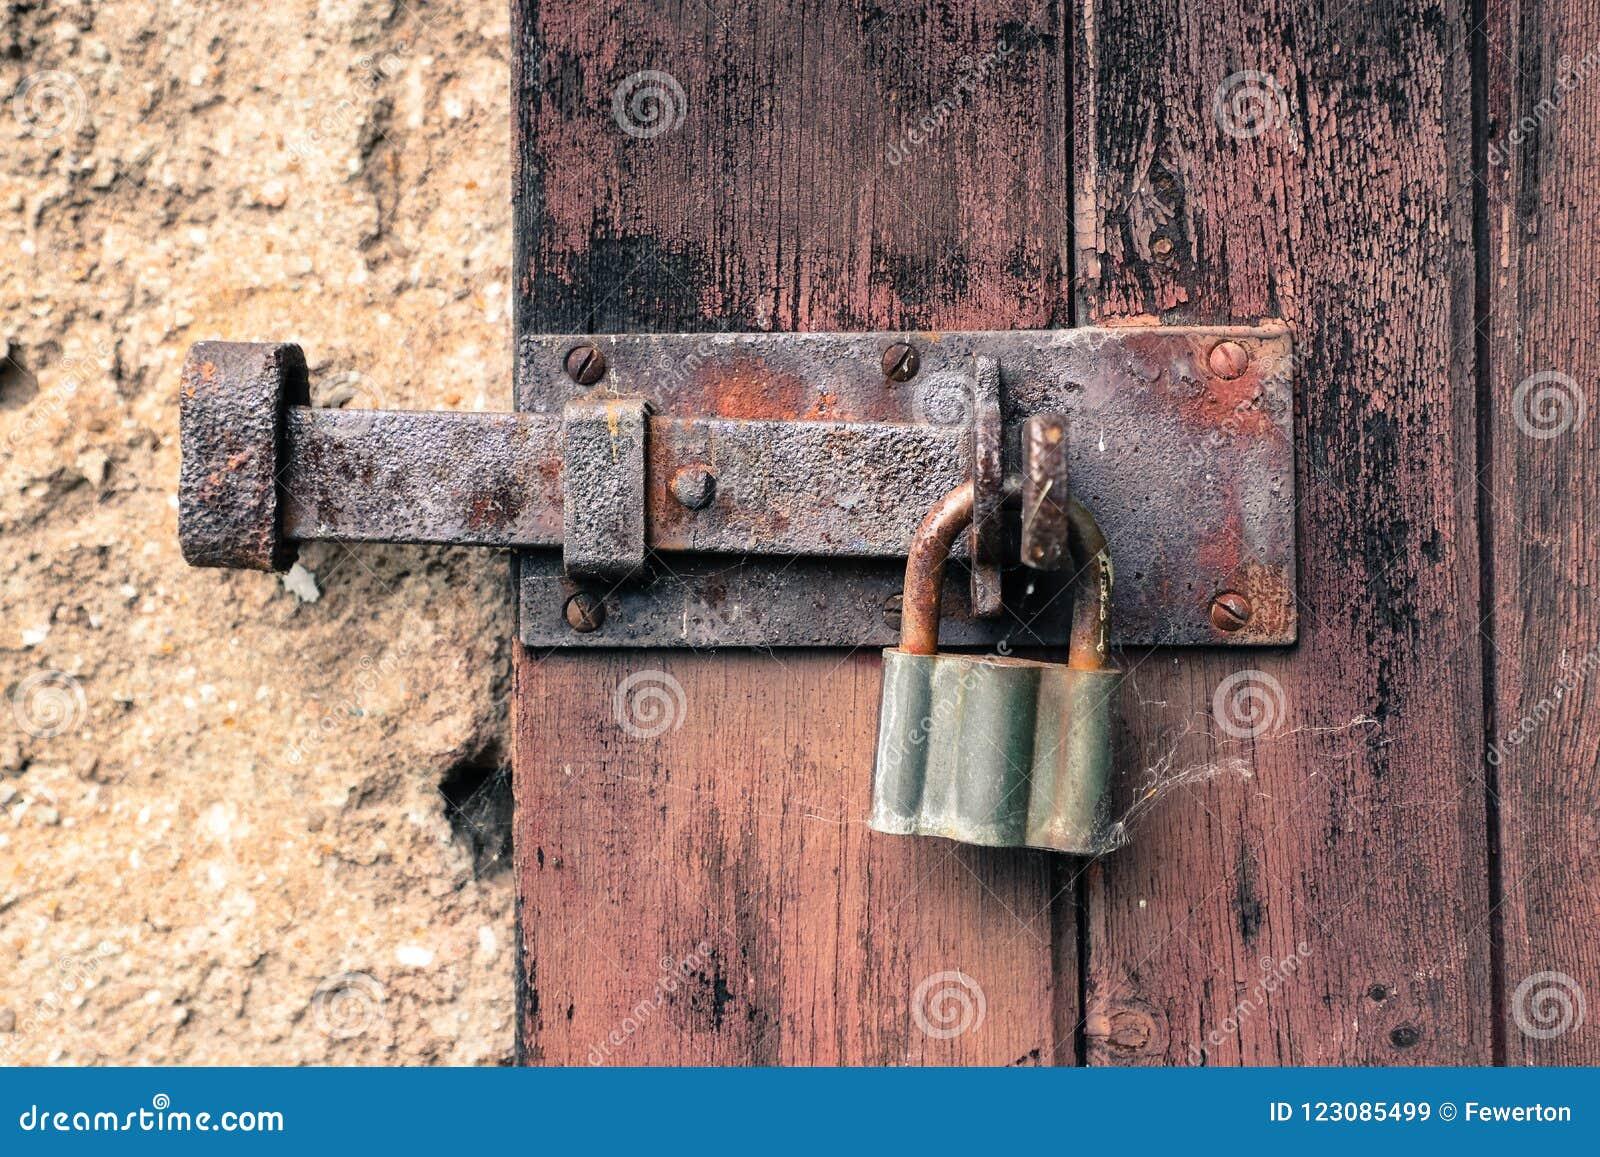 O fechamento oxidado velho fechado e o vintage do ferro padlock em rachar e em descascar a porta de madeira vermelha resistida